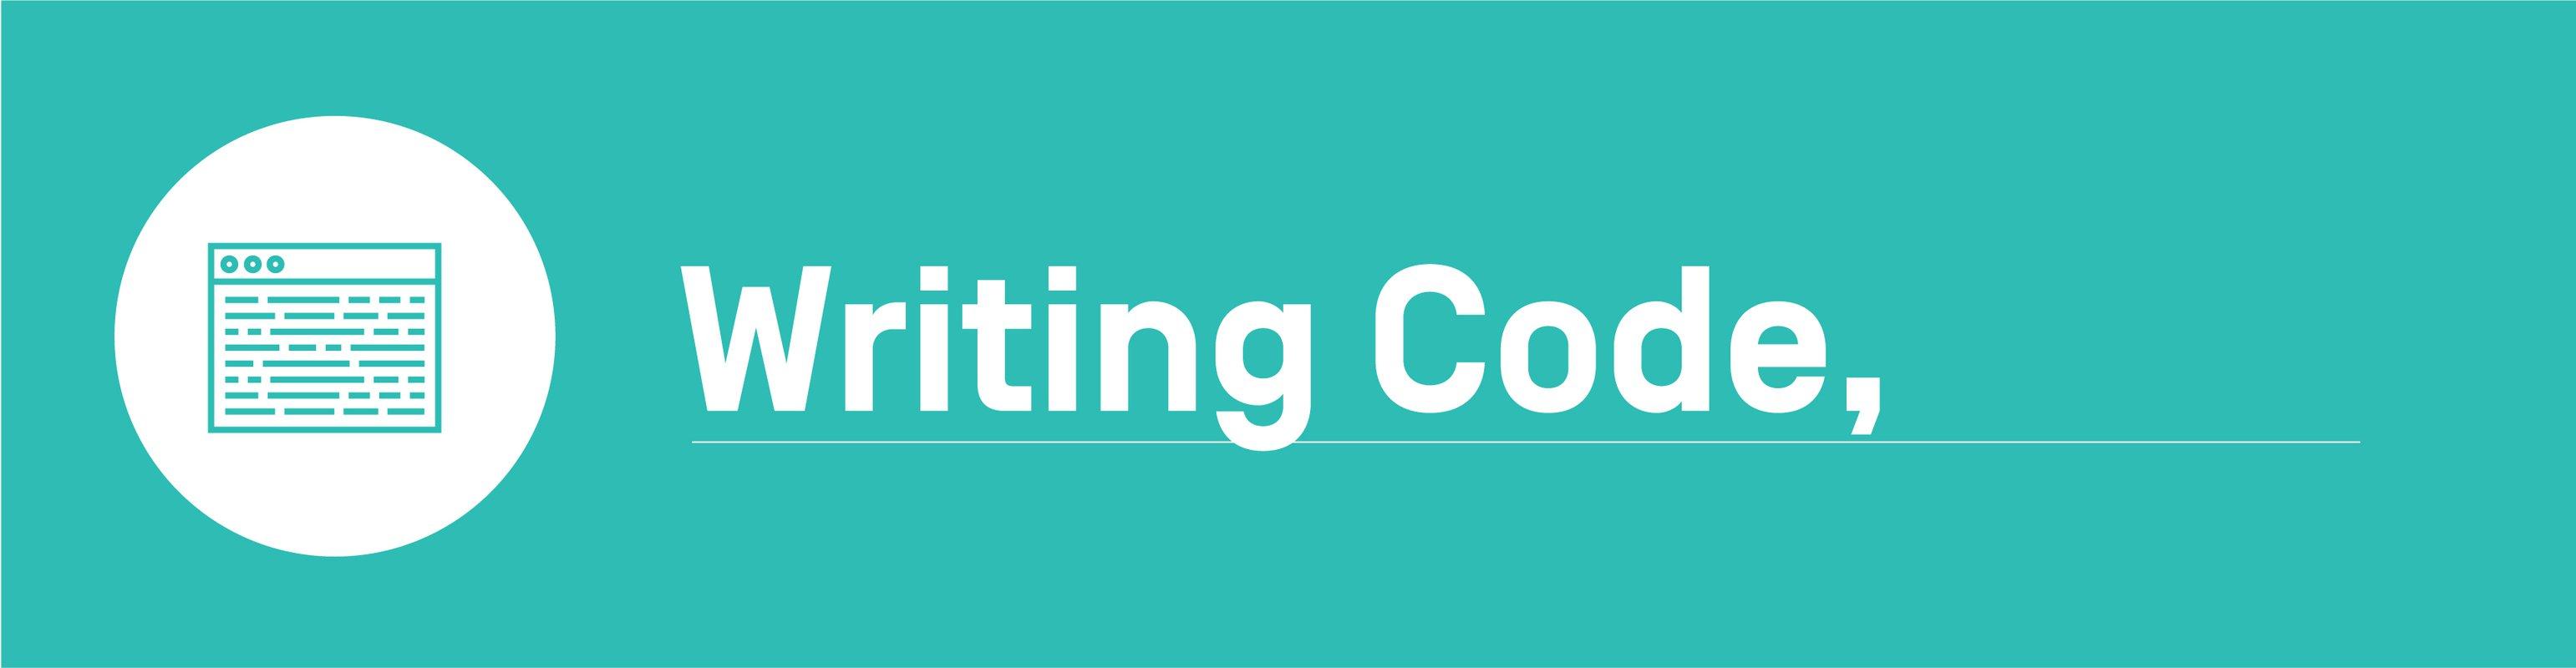 Algorithmic bias - Writing Code